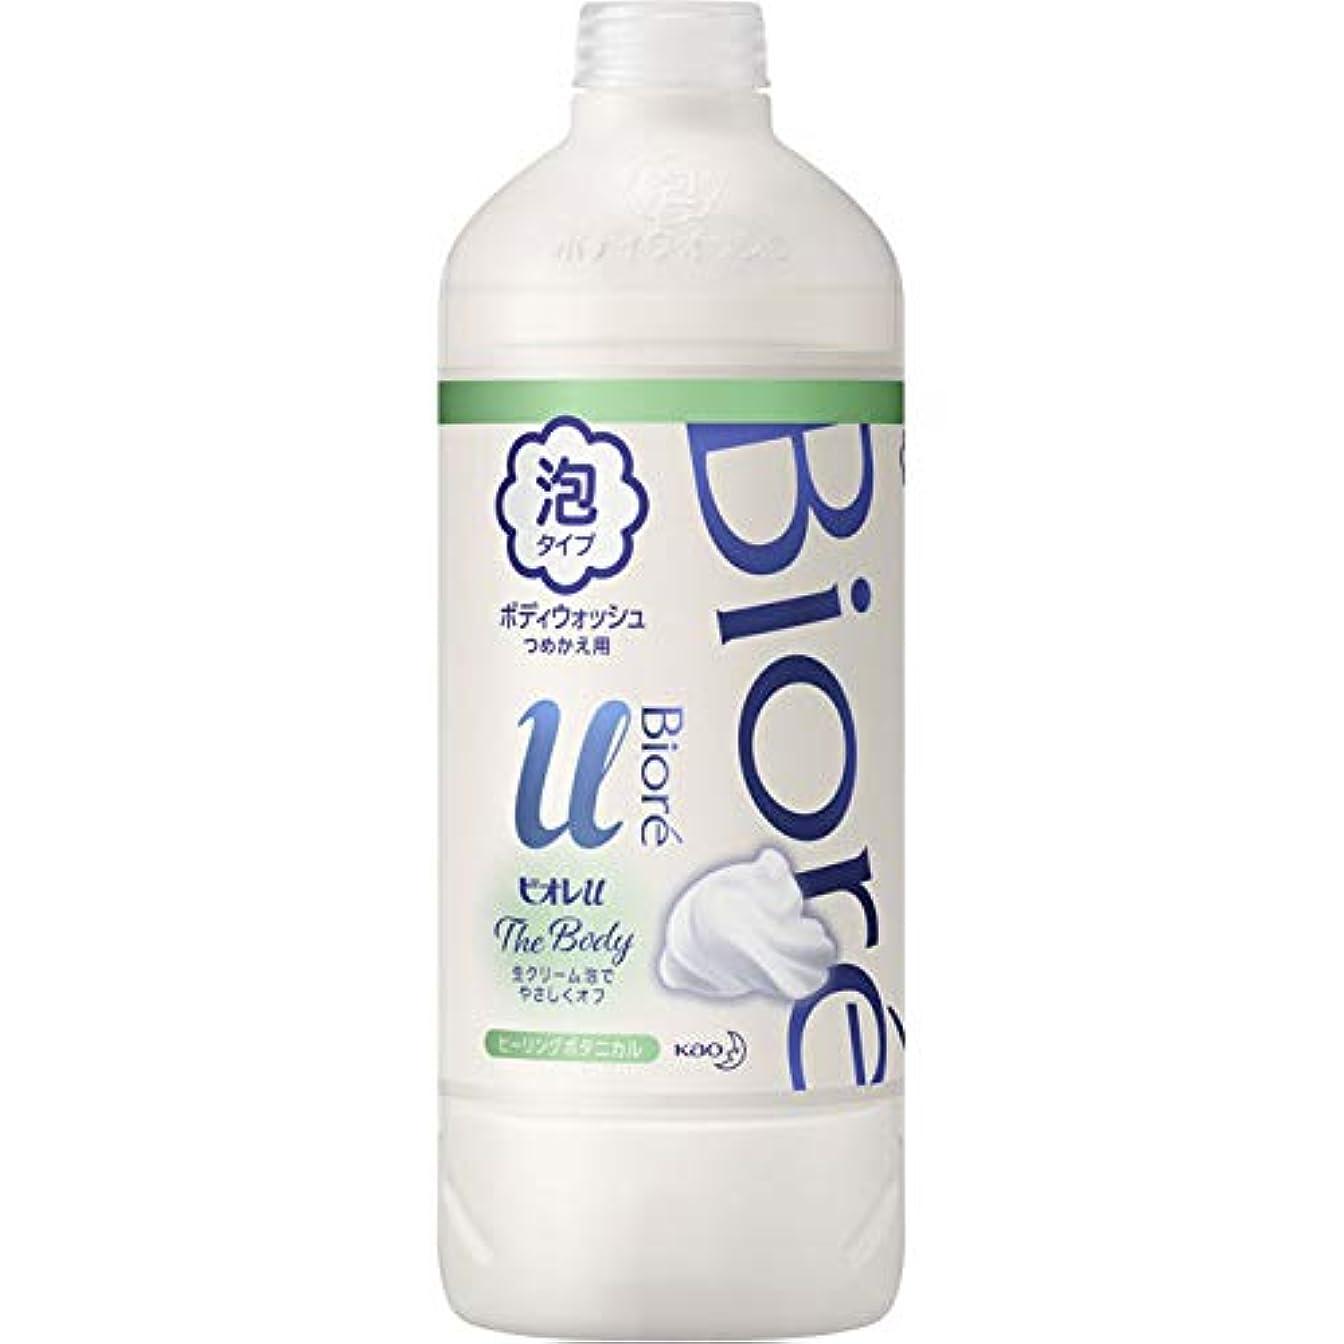 マンモス引退する伝染性の花王 ビオレu ザ ボディ泡ヒーリングボタニカルの香り 詰替え用 450ml